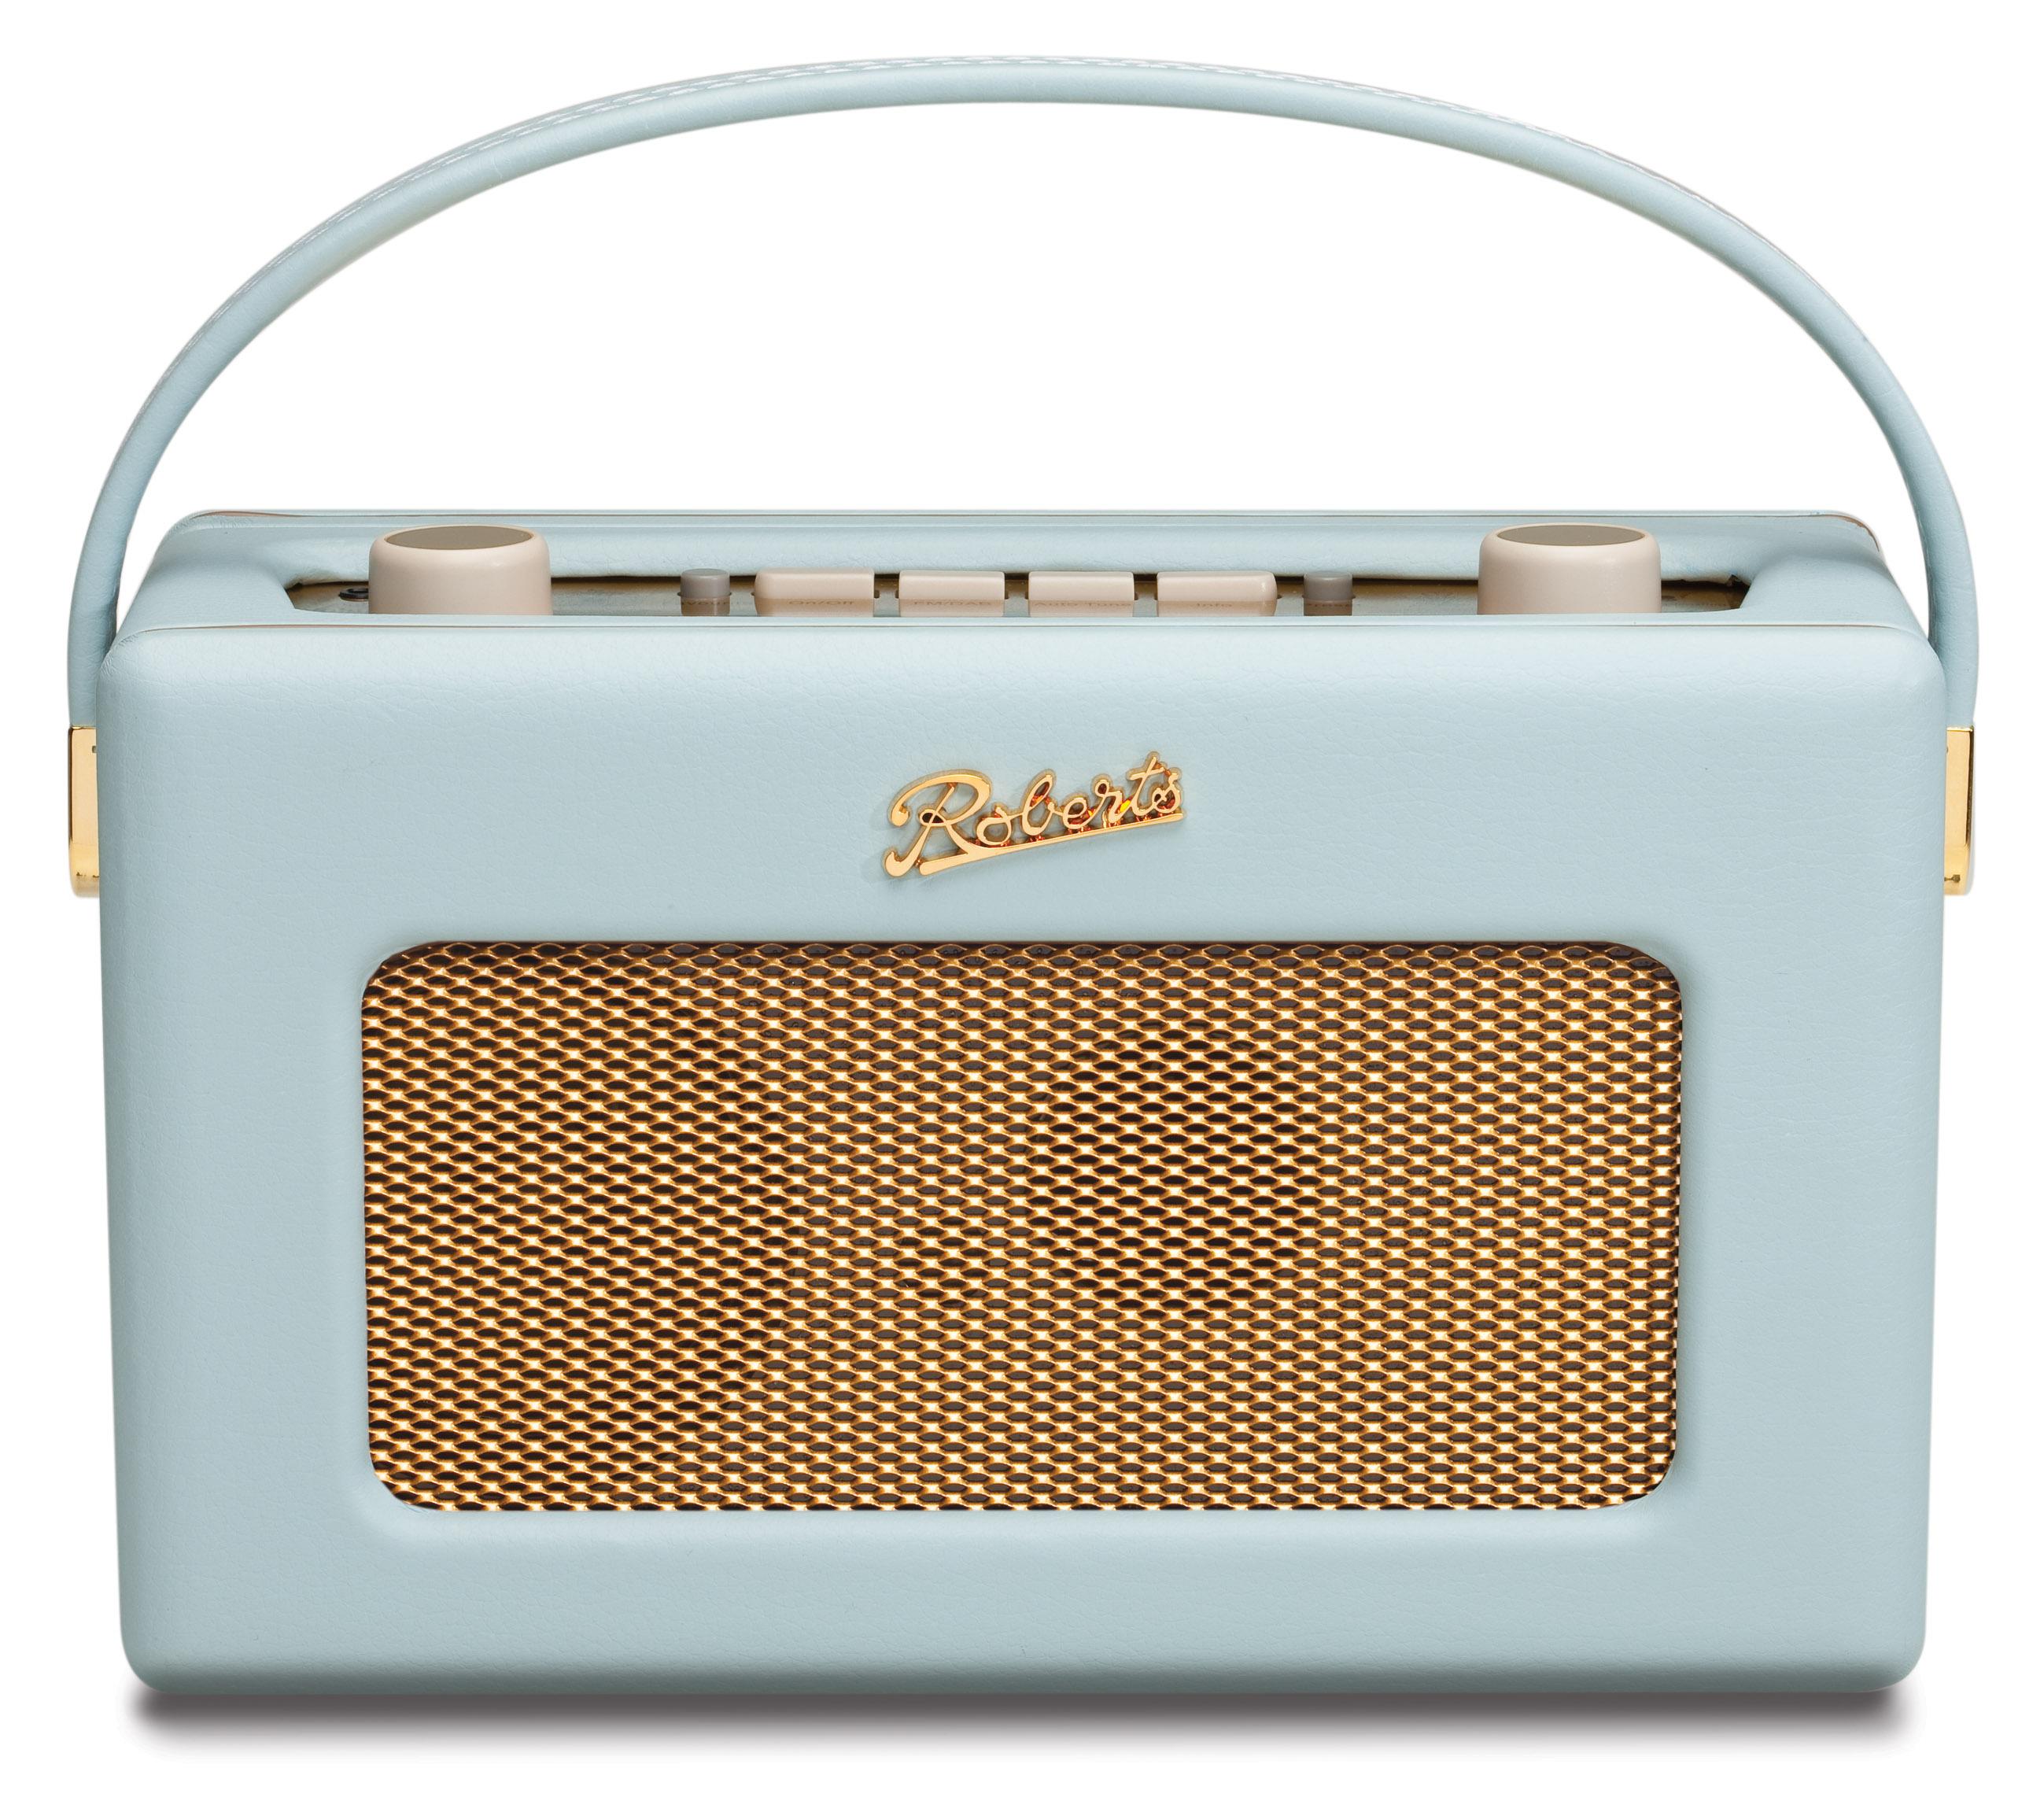 Roberts Radio Revival RD60 FM/ DAB/ DAB+ Duck egg (130-313011)